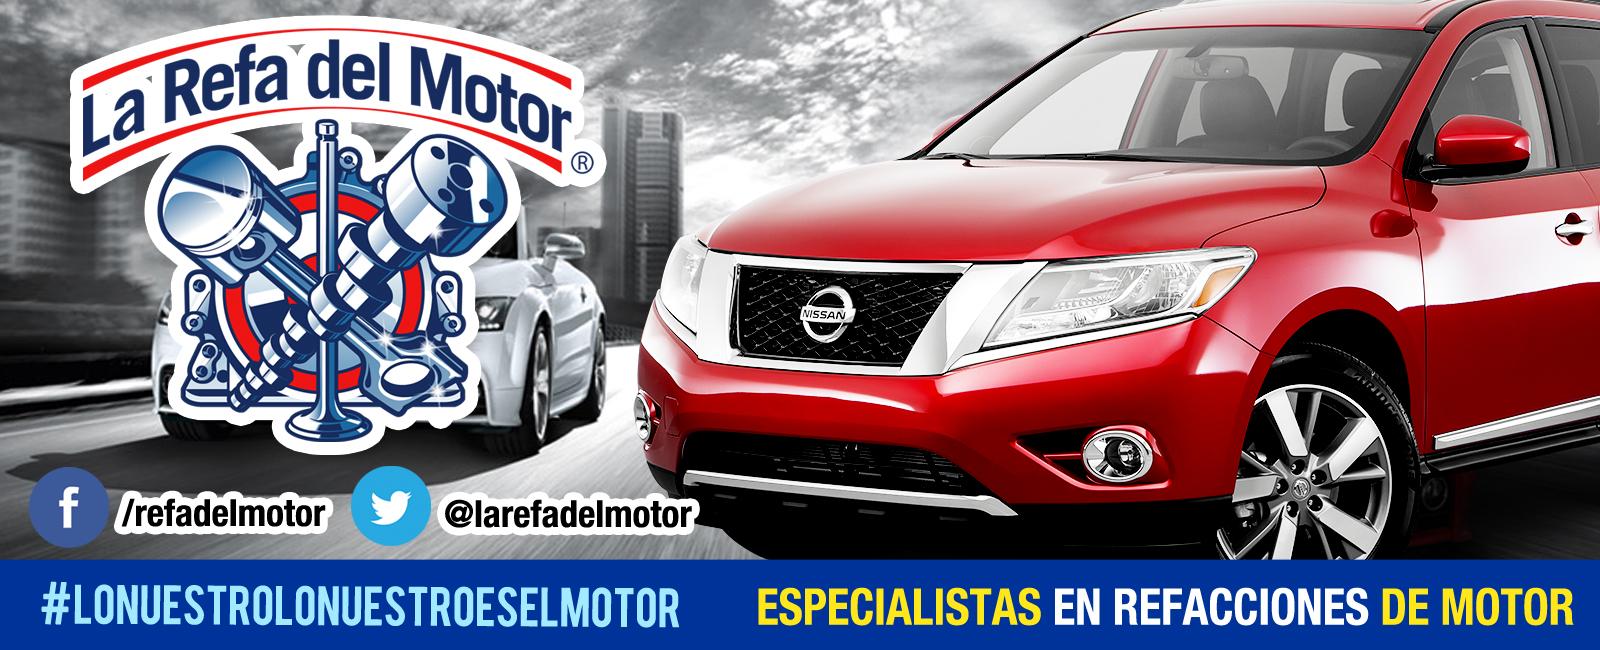 la-refa-del-motor-tepeji-tula-almanaque-mx